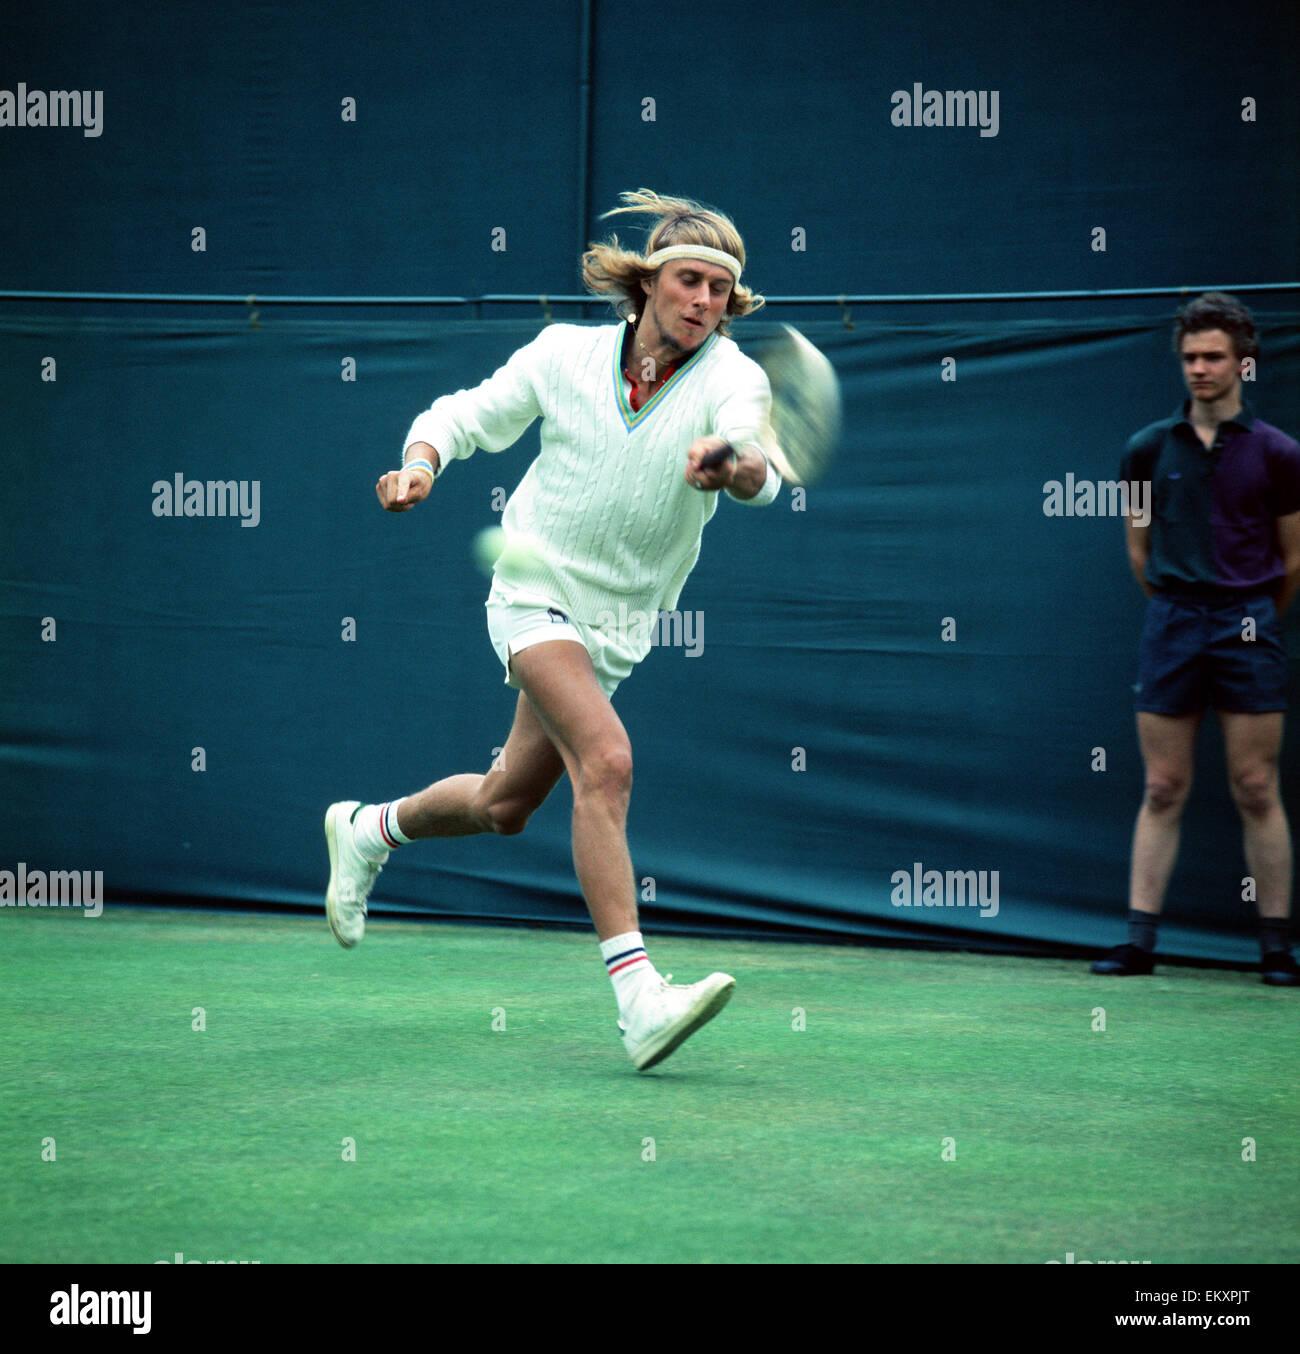 Björn Borg Wimbledon Stockfotos & Björn Borg Wimbledon